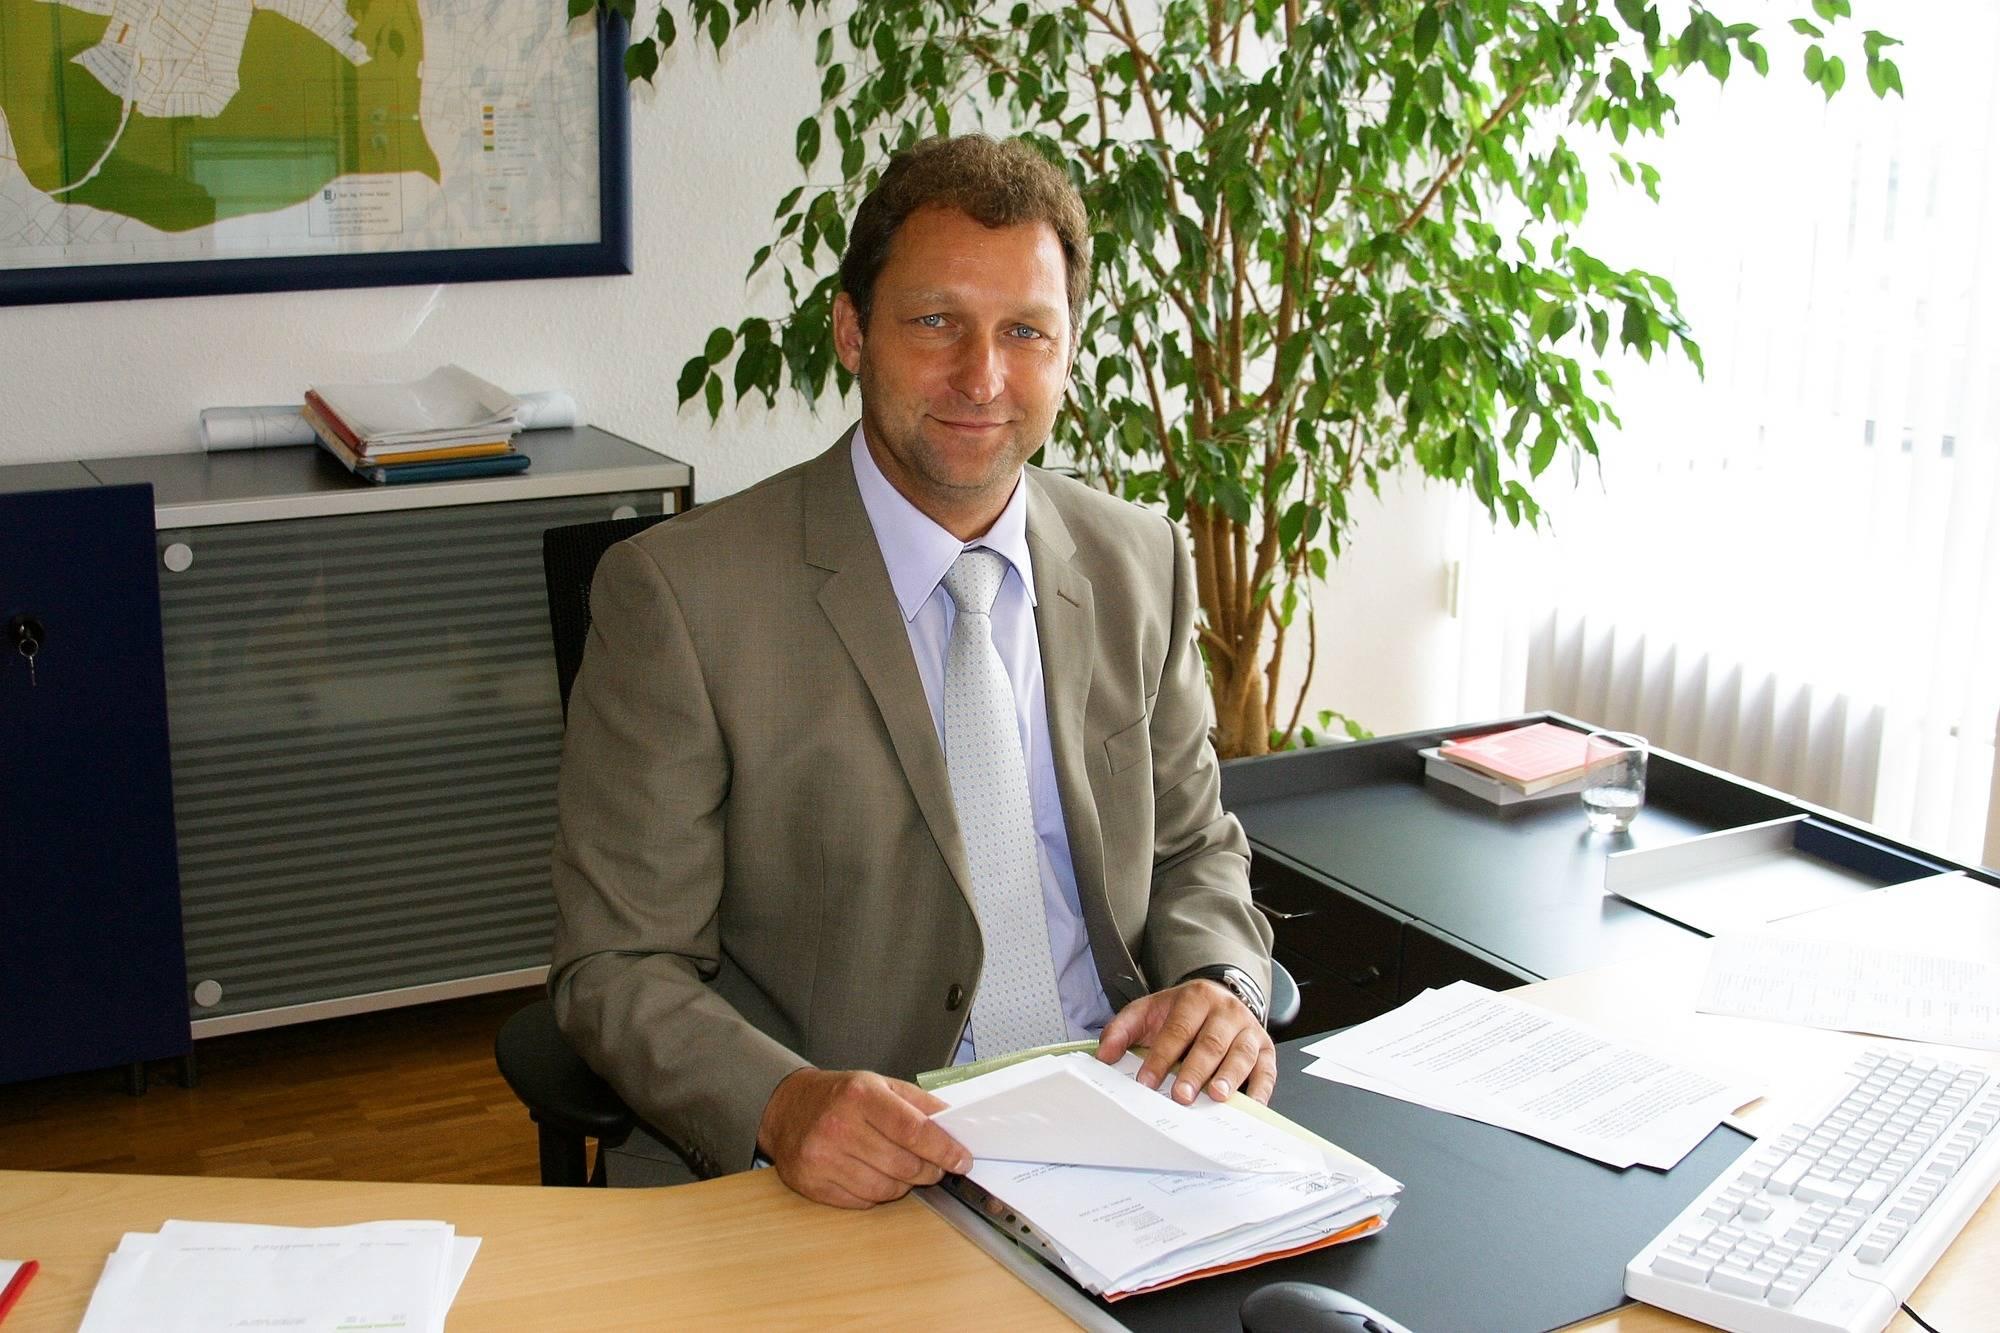 B rgermeisterwahl waibstadt die alleinkandidatur des joachim locher sinsheim rhein neckar - Locher im garten ...